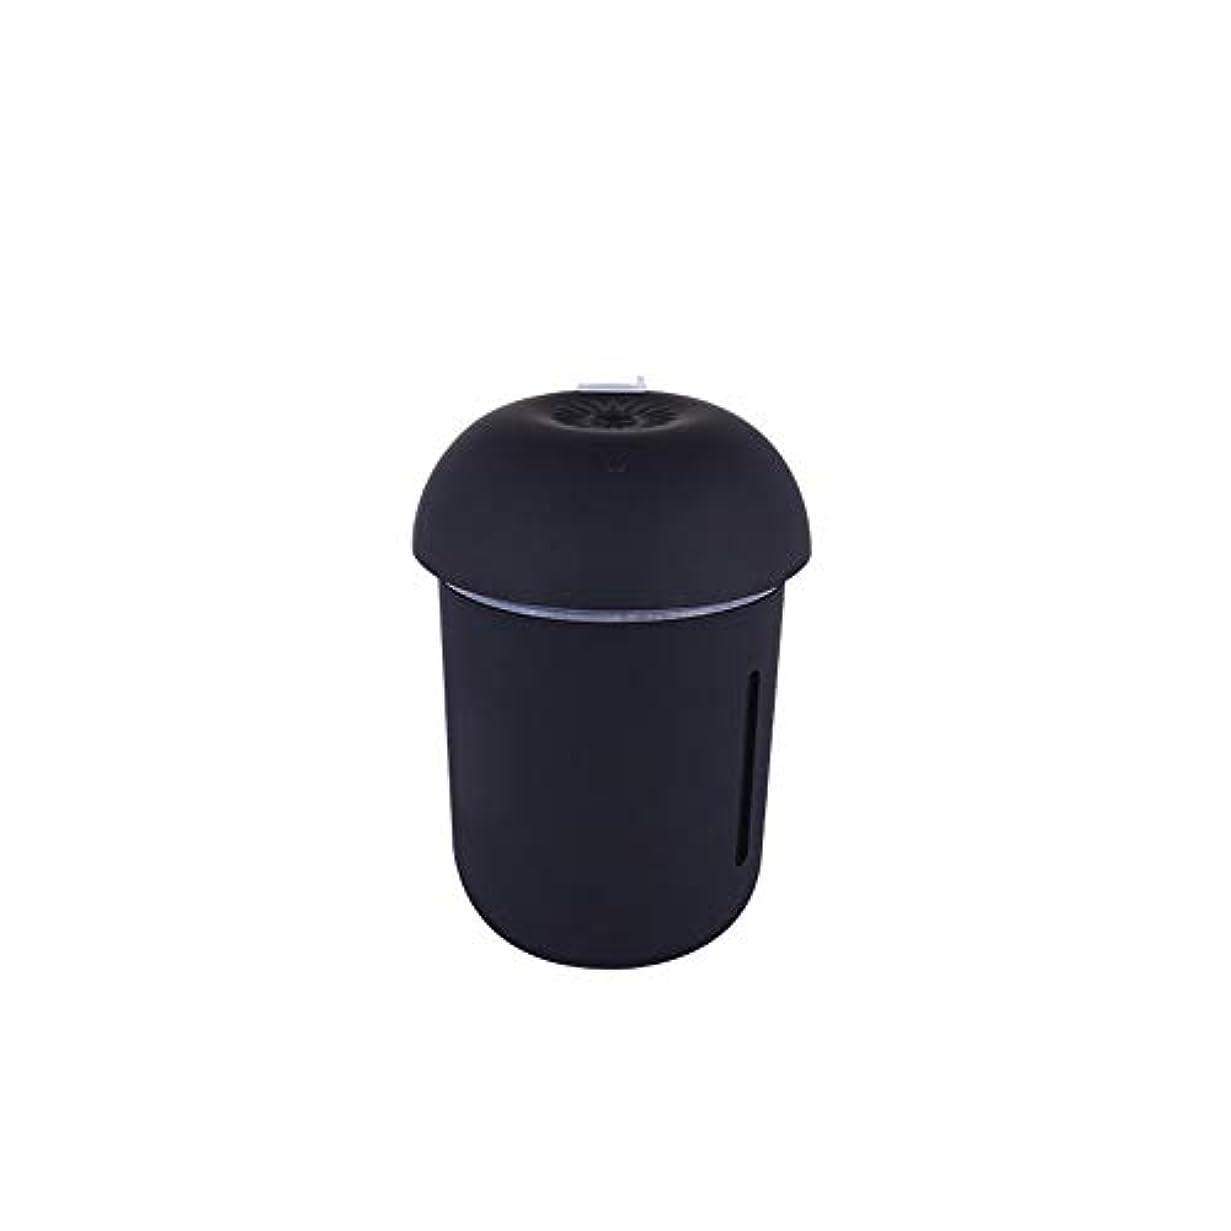 最も遠い憂鬱な韓国語ZXF クリエイティブ多機能水道メーターファンナイトライトスリーインワンきのこ加湿器usb充電車の空気清浄機美容機器 滑らかである (色 : Black)